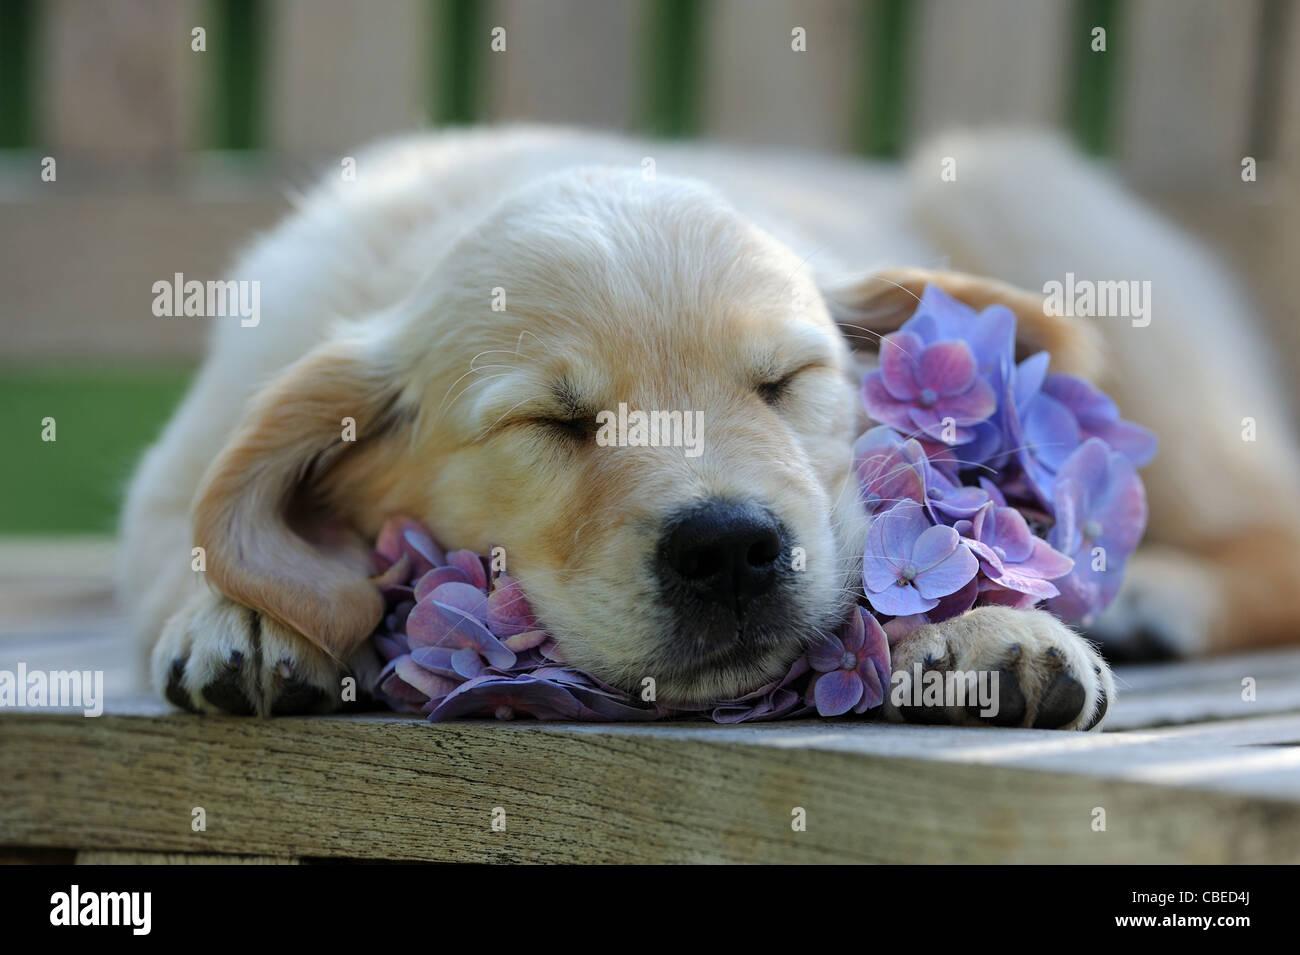 Golden Retriever (Canis lupus familiaris). Chiot dormir sur un Hortensia bleu fleur. Photo Stock